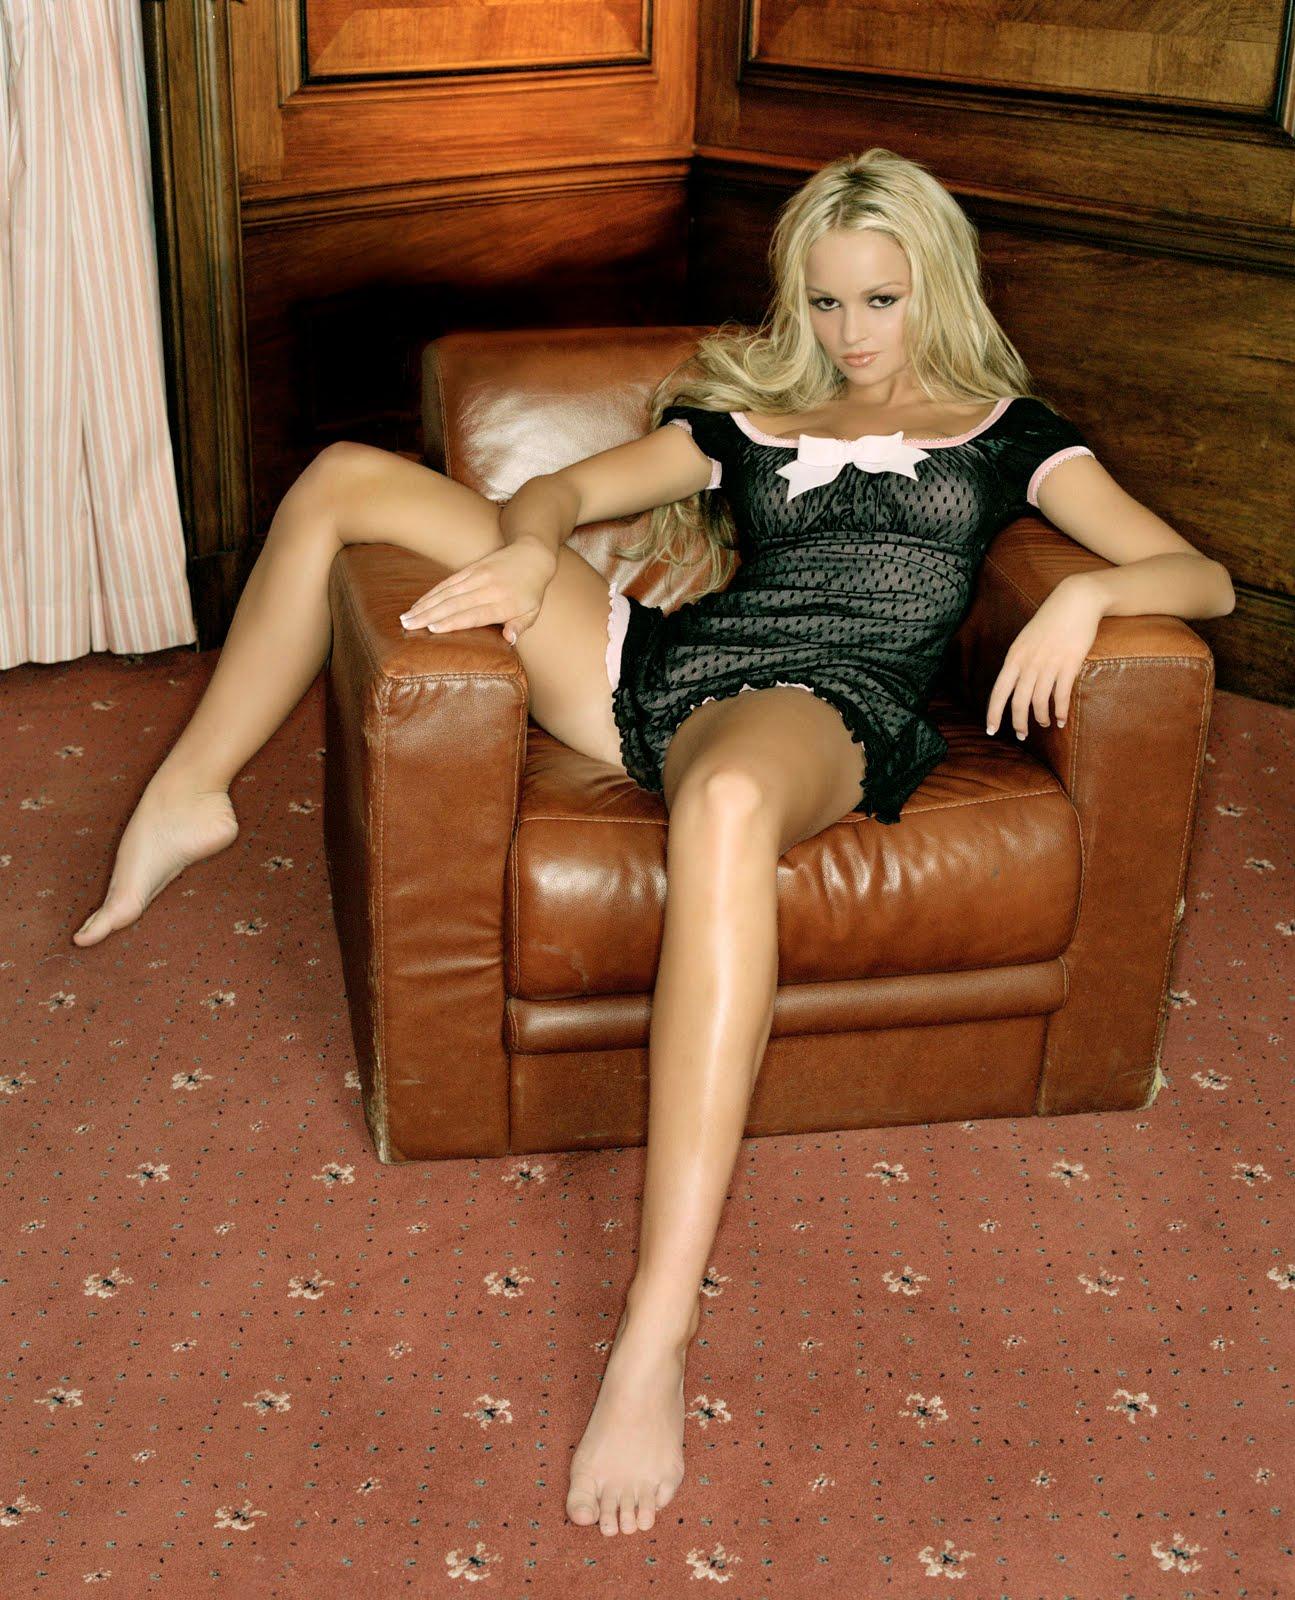 ellison spread Jennifer